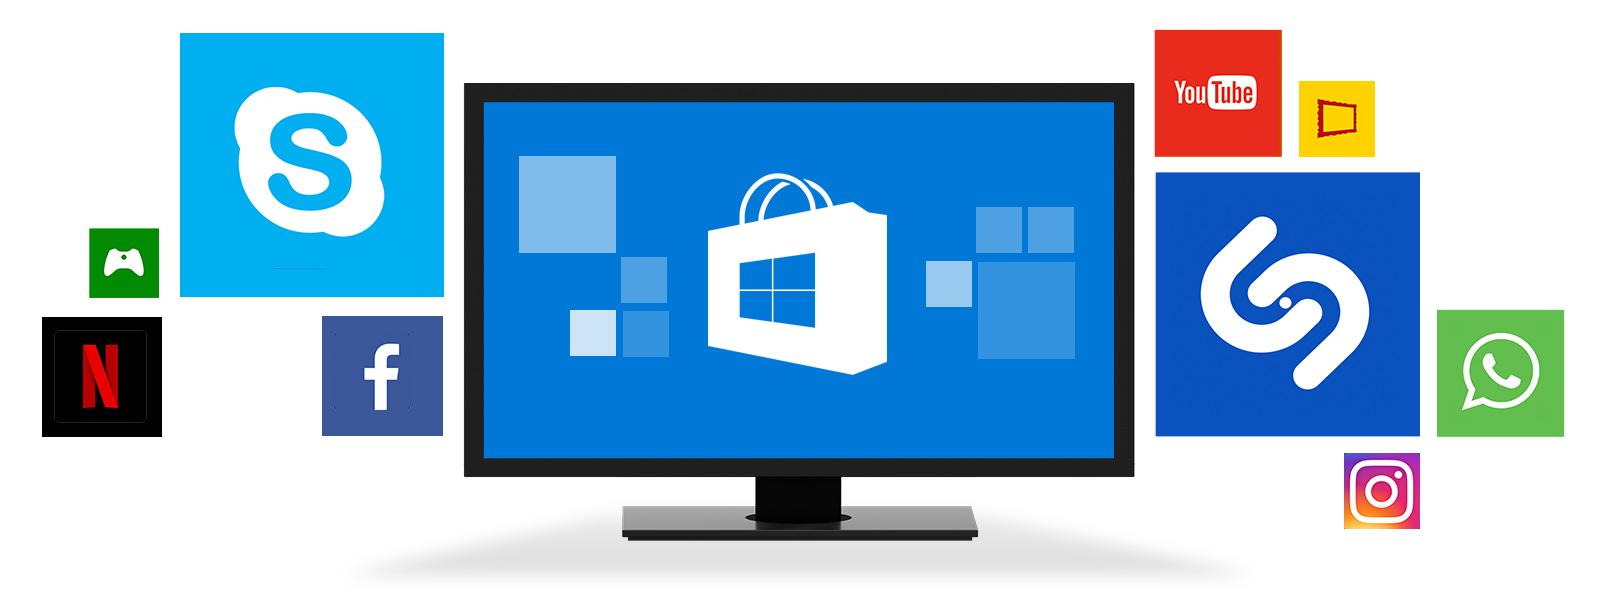 Dispositivo Windows con múltiples iconos de aplicaciones flotando a su alrededor